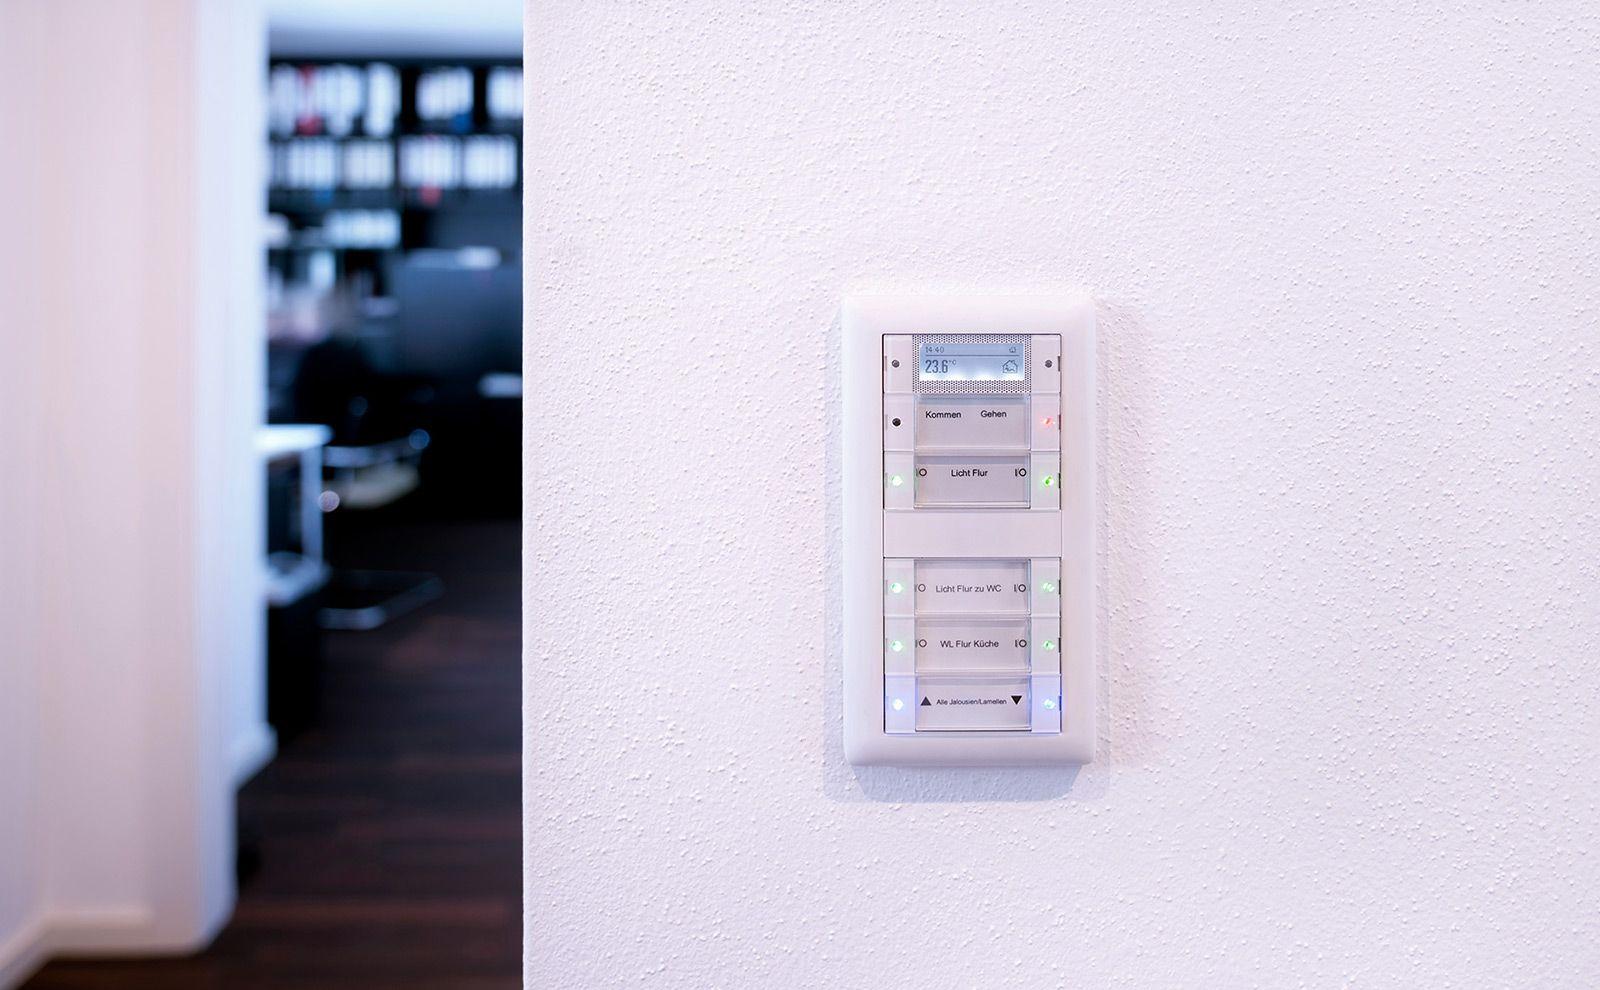 Gira KNX Tastsensoren an der Wand mit weißem Rahmen